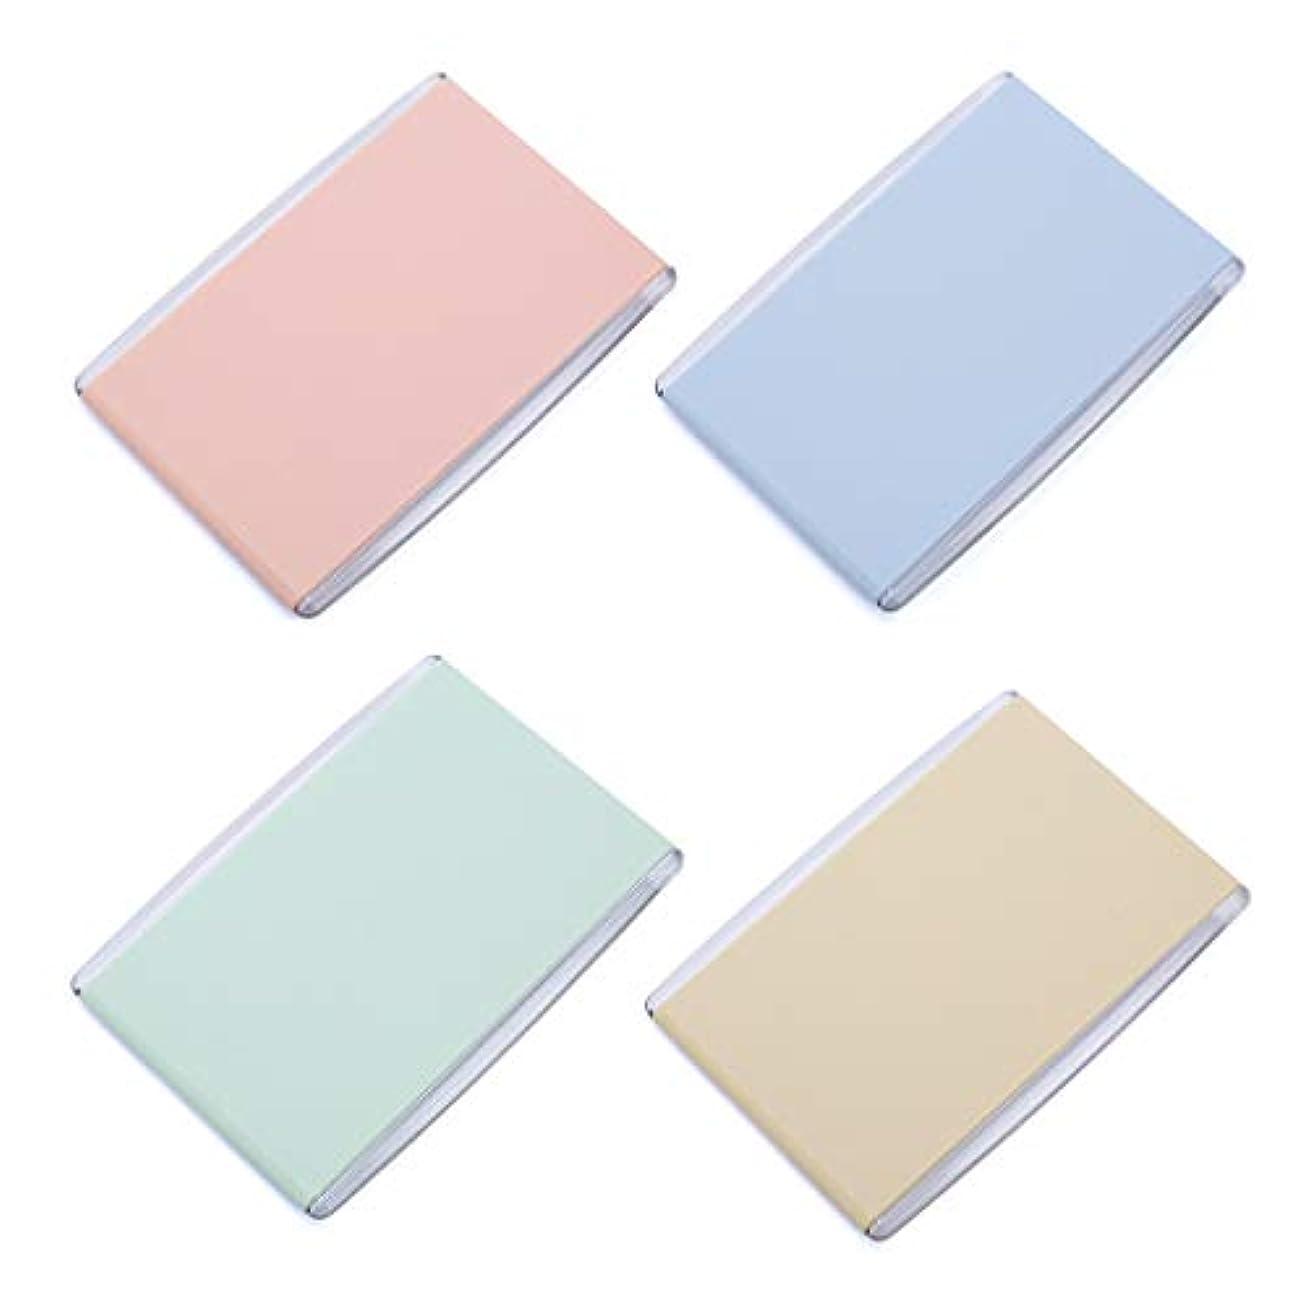 建てる勇敢な思慮深いManyao 1Pc女性の女の子ポータブル折りたたみ長方形7.8x11cmミニコンパクトポケットミラーキャンディーカラー片面の旅行デスクトップの化粧品ツール